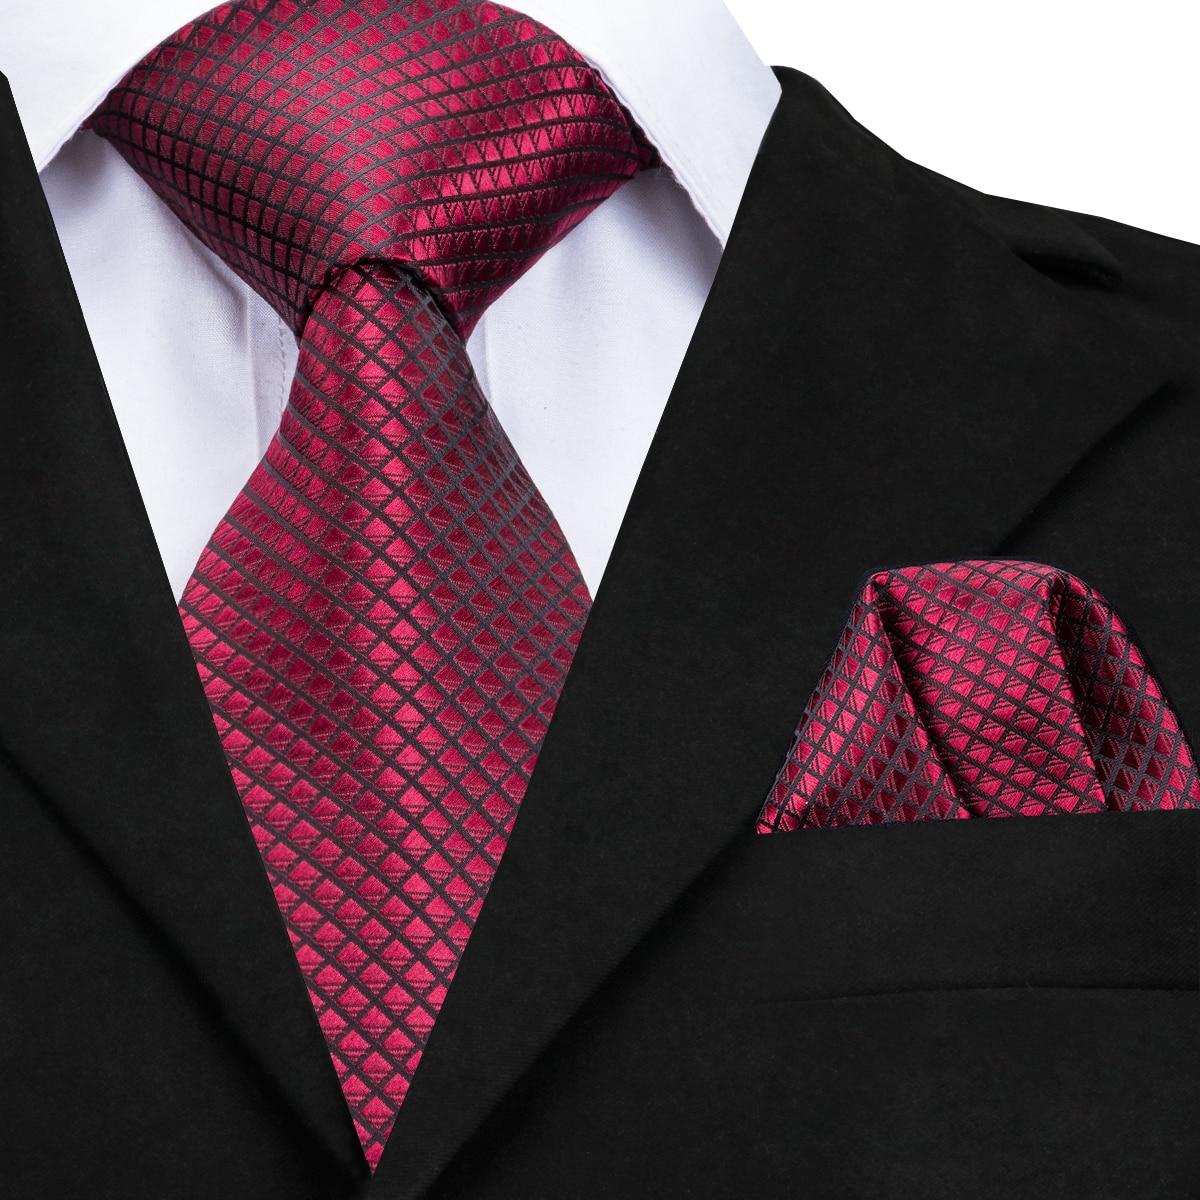 Hola-corbata de seda de alta calidad para hombres 160 cm largo de moda  corbata roja 35c7b4ddd096